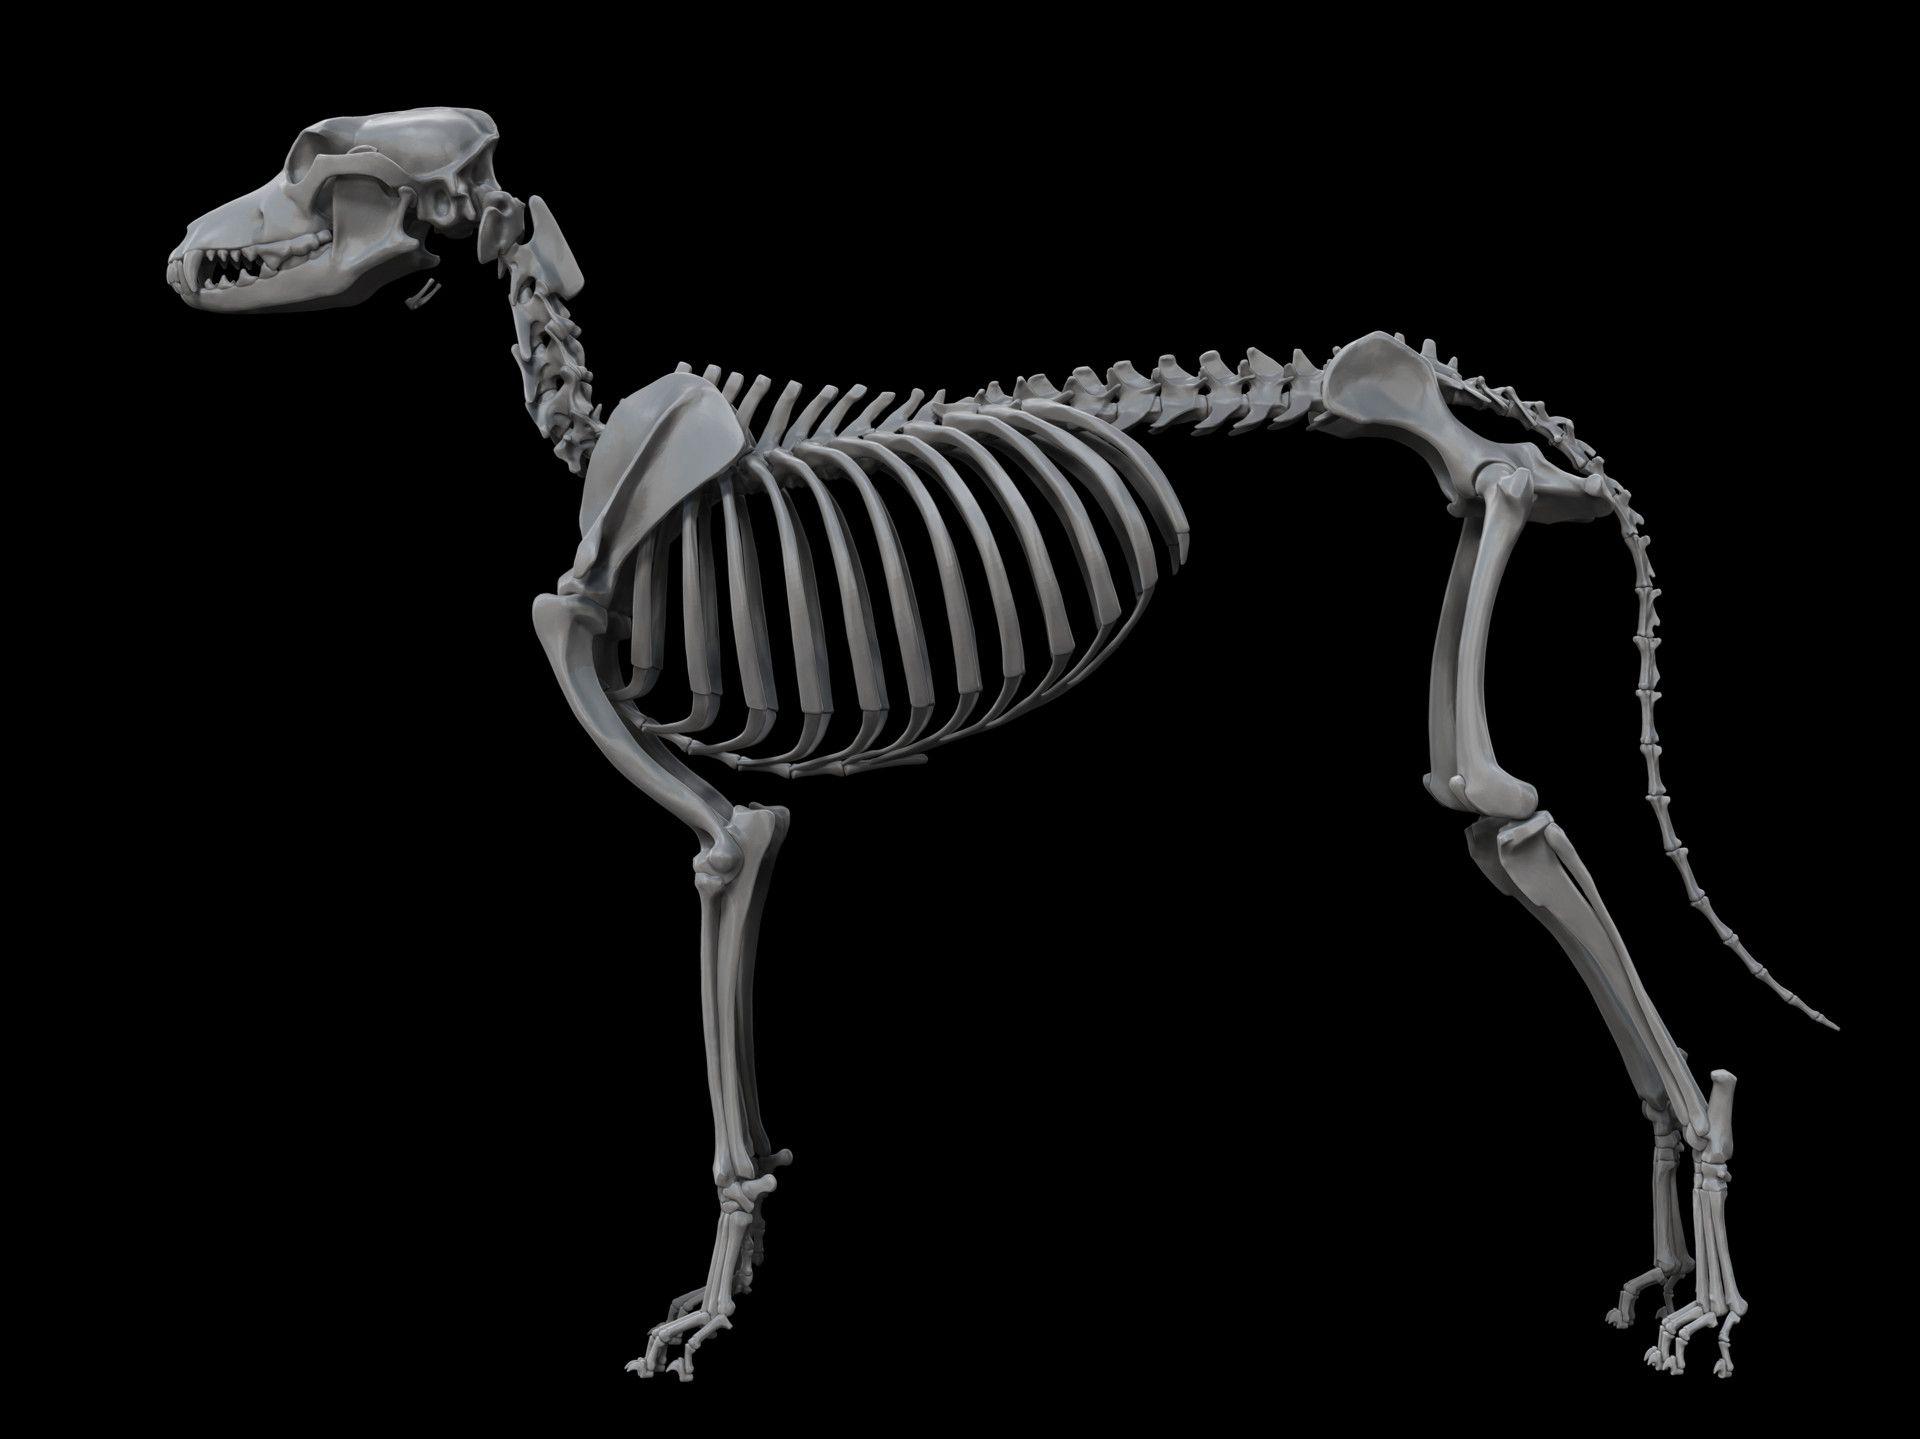 Картинка скелета человека и головы животного